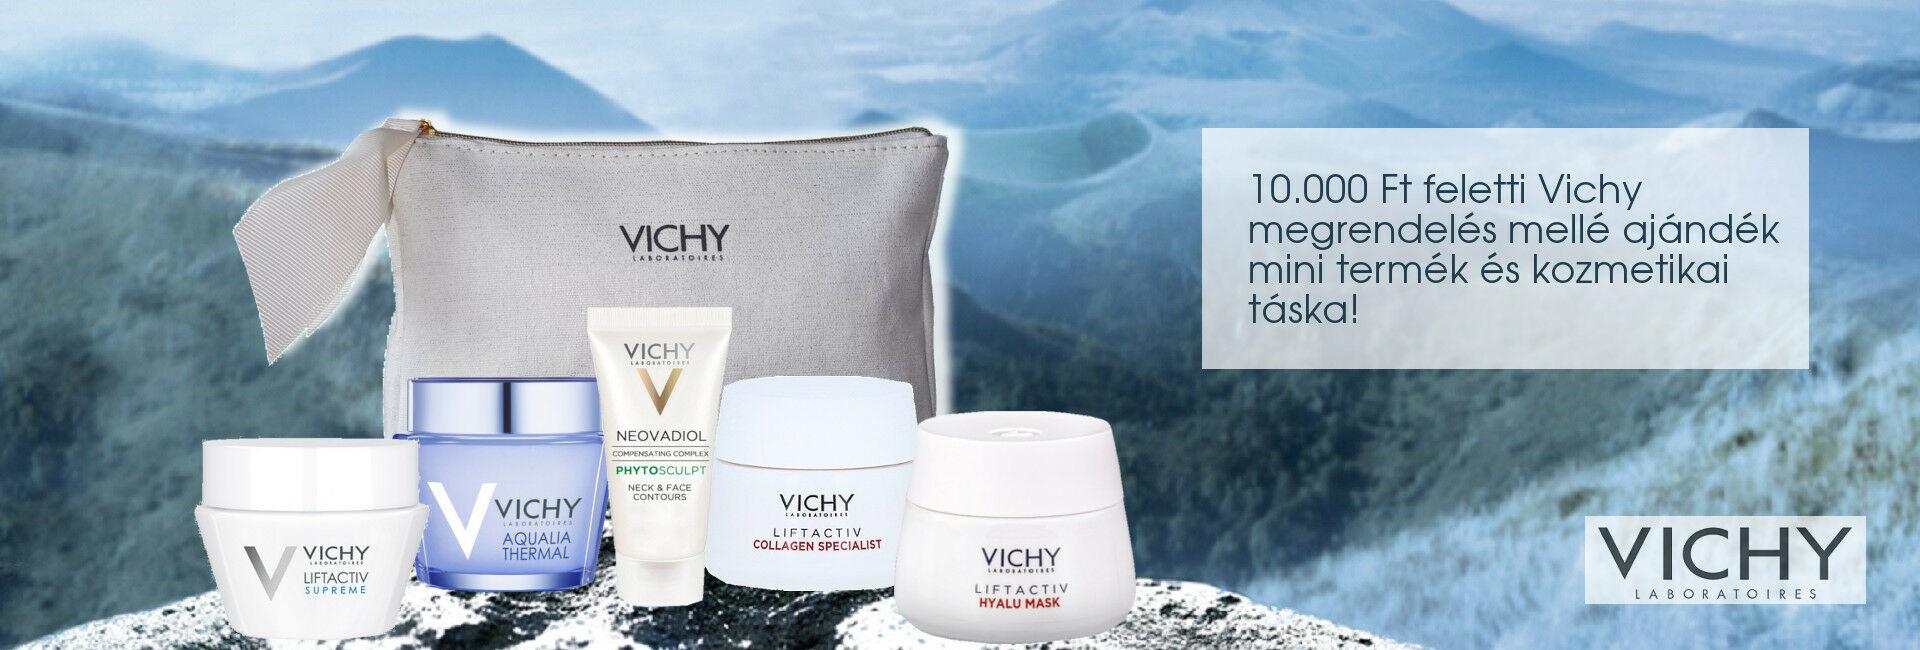 2020. december 3-10. között minden 10.000 Ft feletti Vichy megrendelés mellé választható Vichy mini arcápolót és kozmetikai táskát adunk ajándékba!